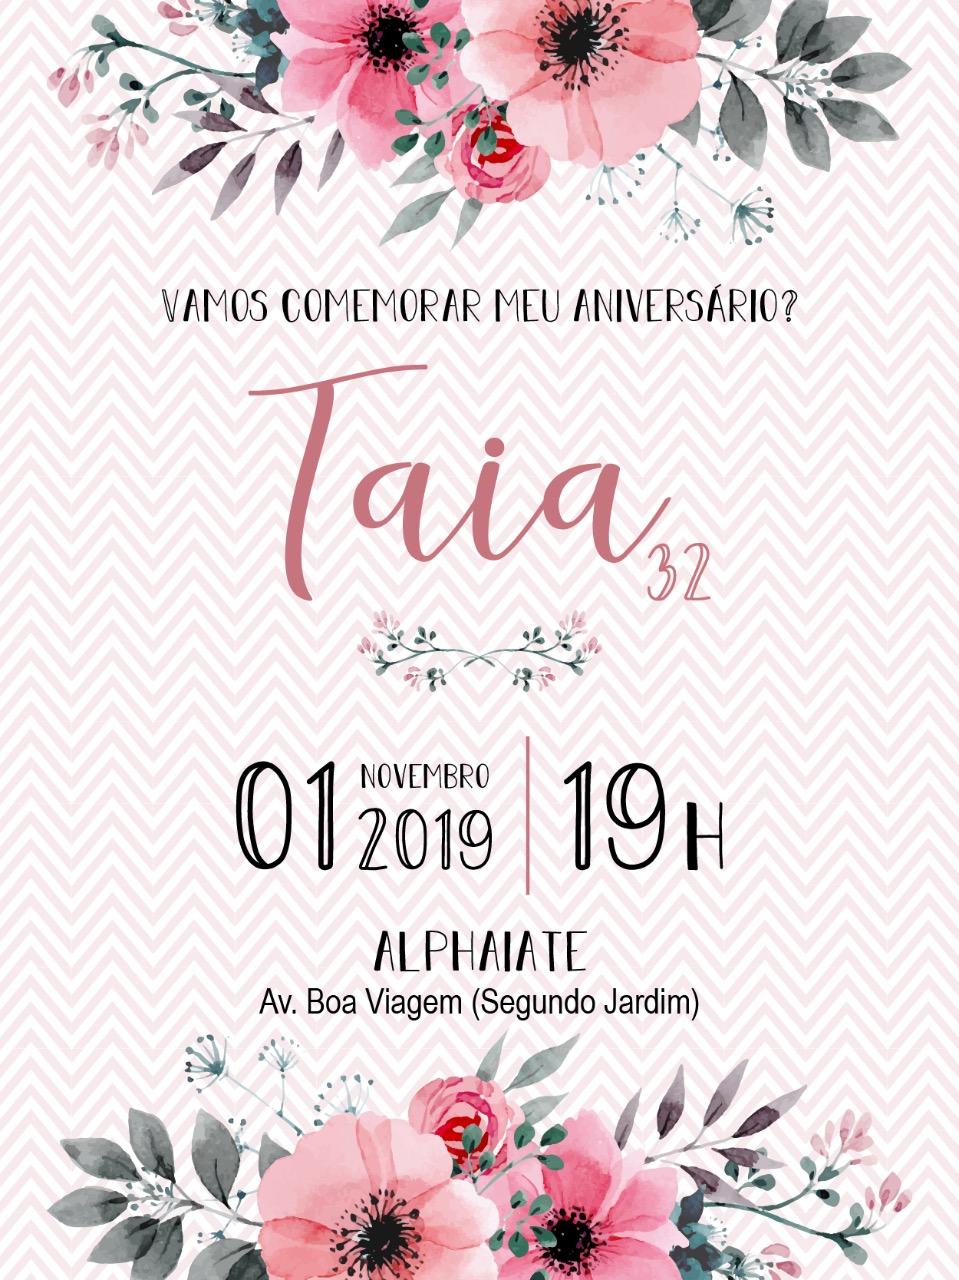 Convite Taia -